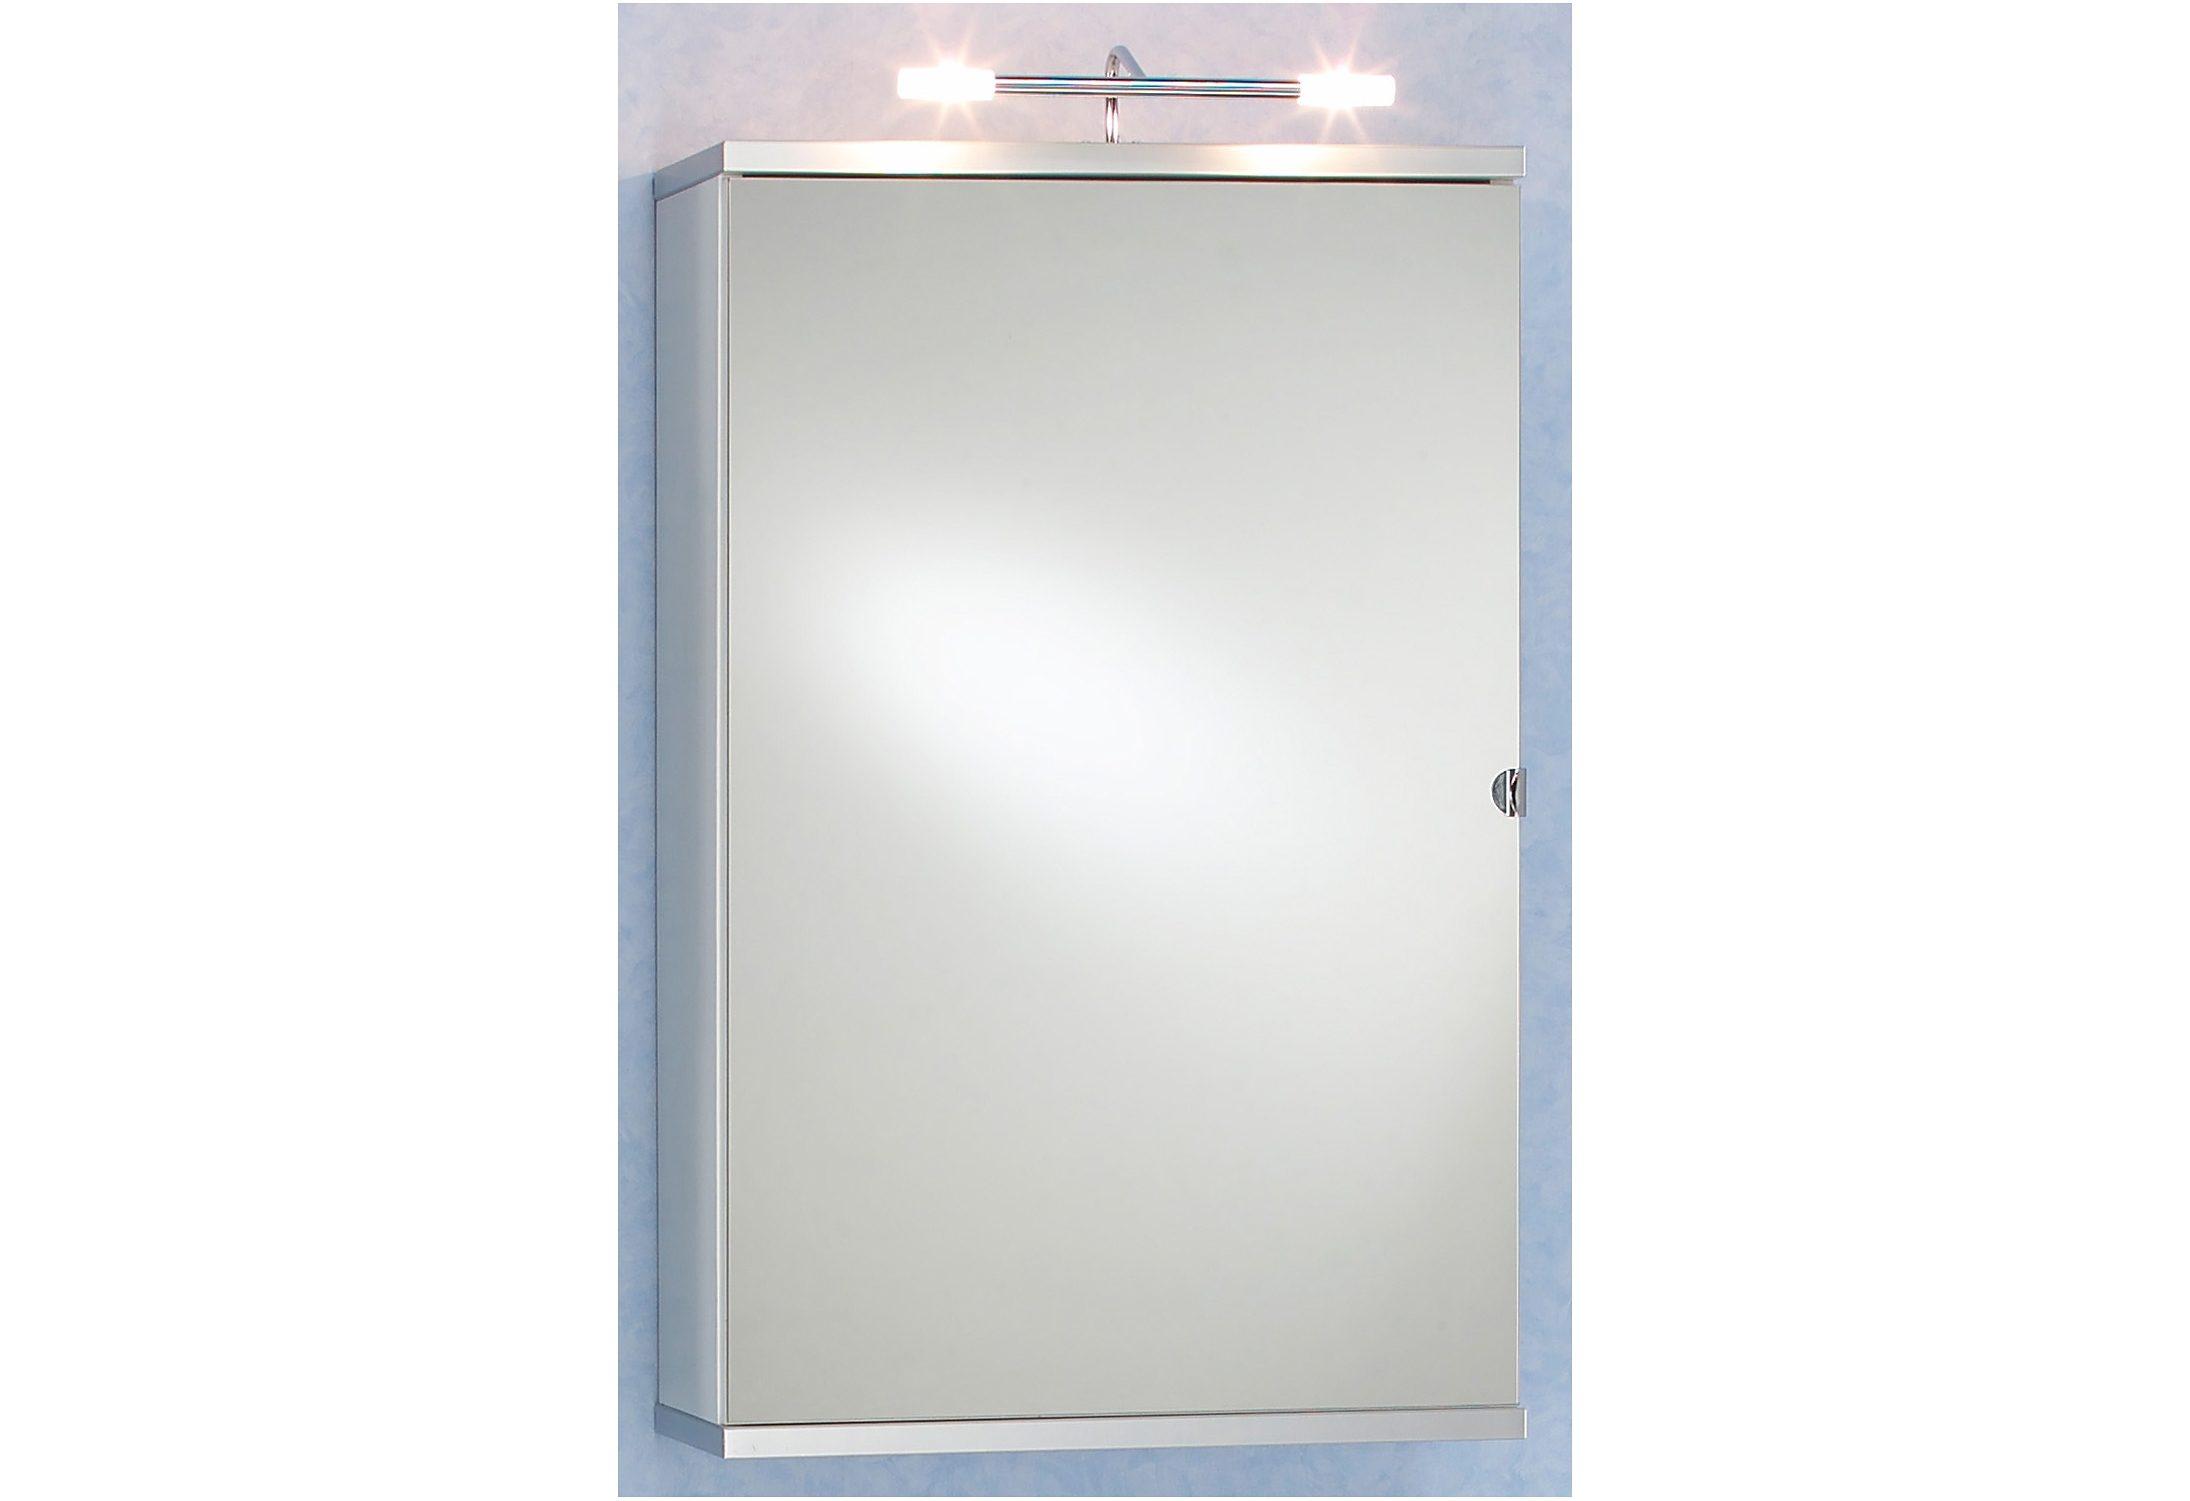 Kesper Spiegelschrank »Linde« mit Beleuchtung